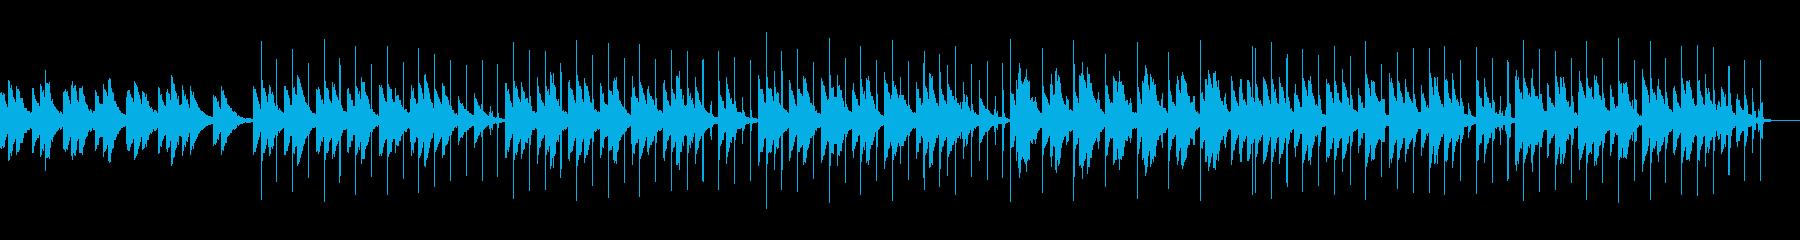 KANT爽やかまったりBGMの再生済みの波形